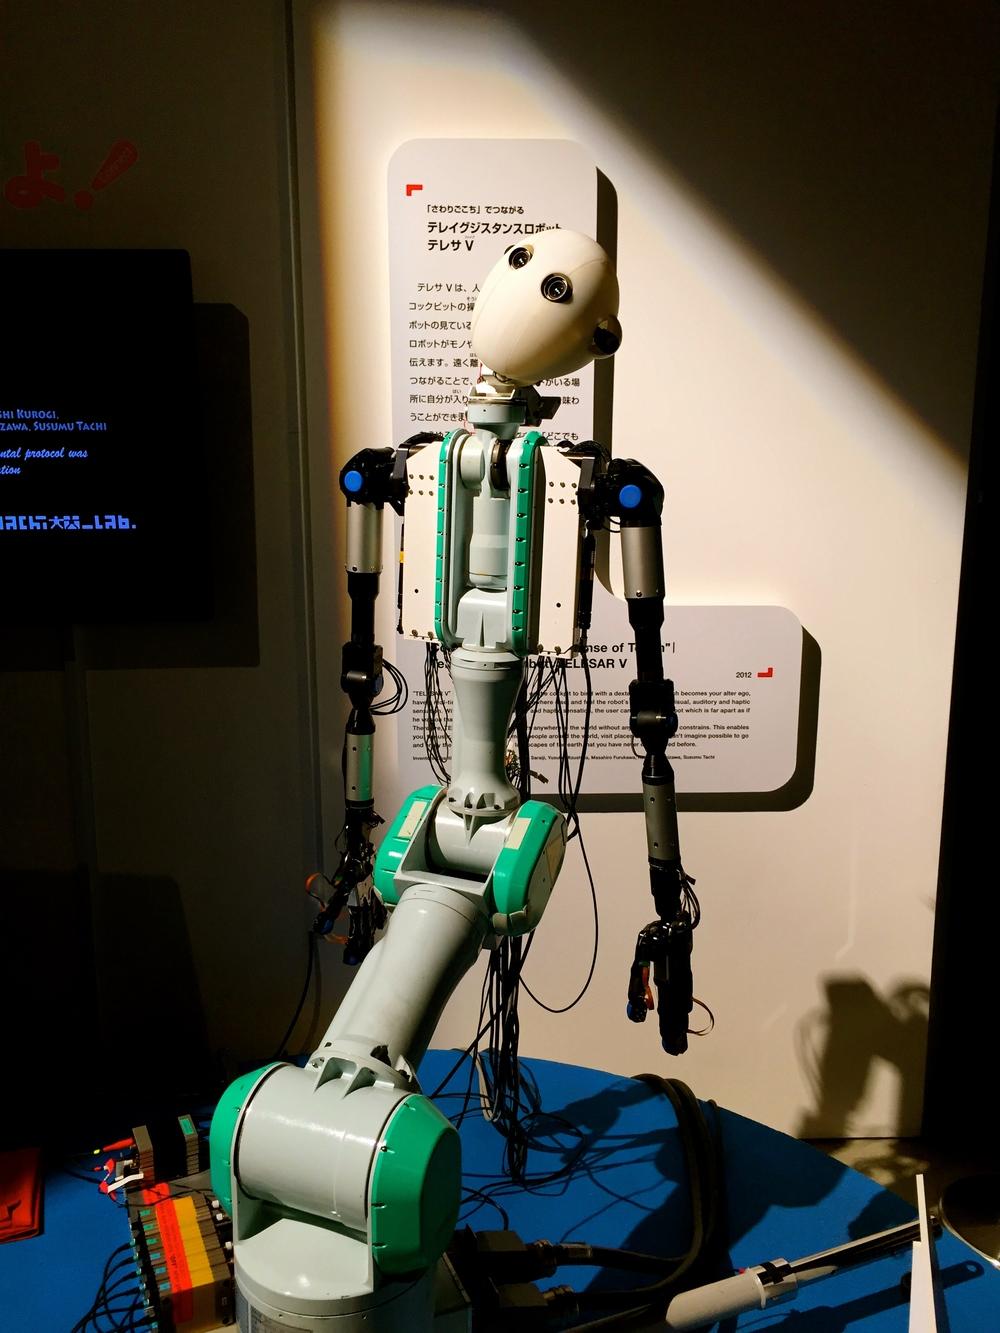 Ido. Robot en el Museo Nacional de Ciencias Emergentes e Innovación. Tokyo, Japón - Abril 2015